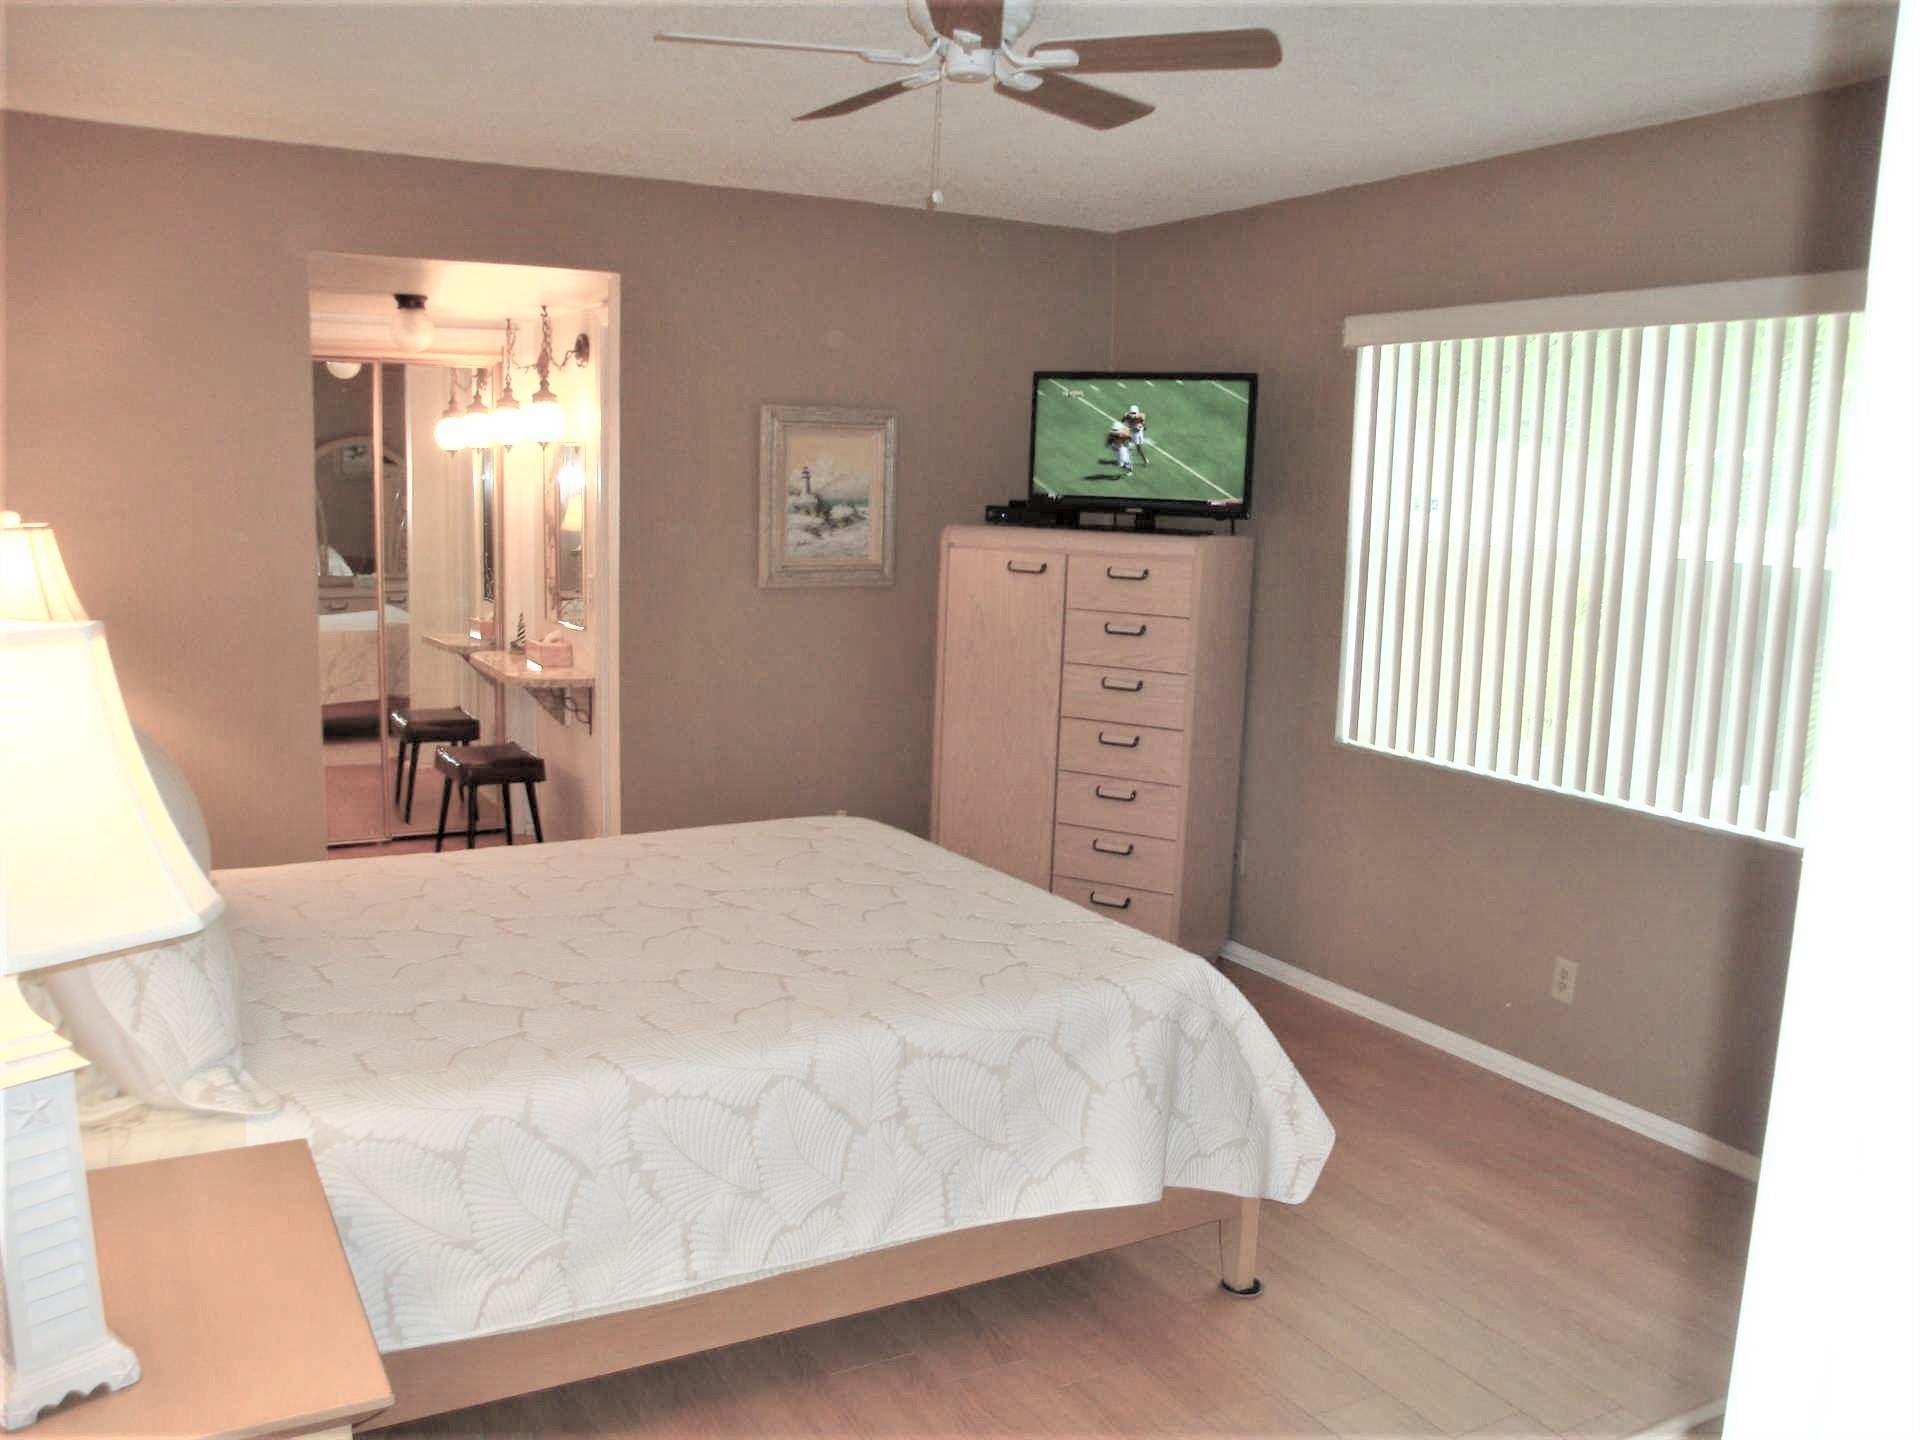 Master bedroom has queen bed, HDTV, vanity area and full bat